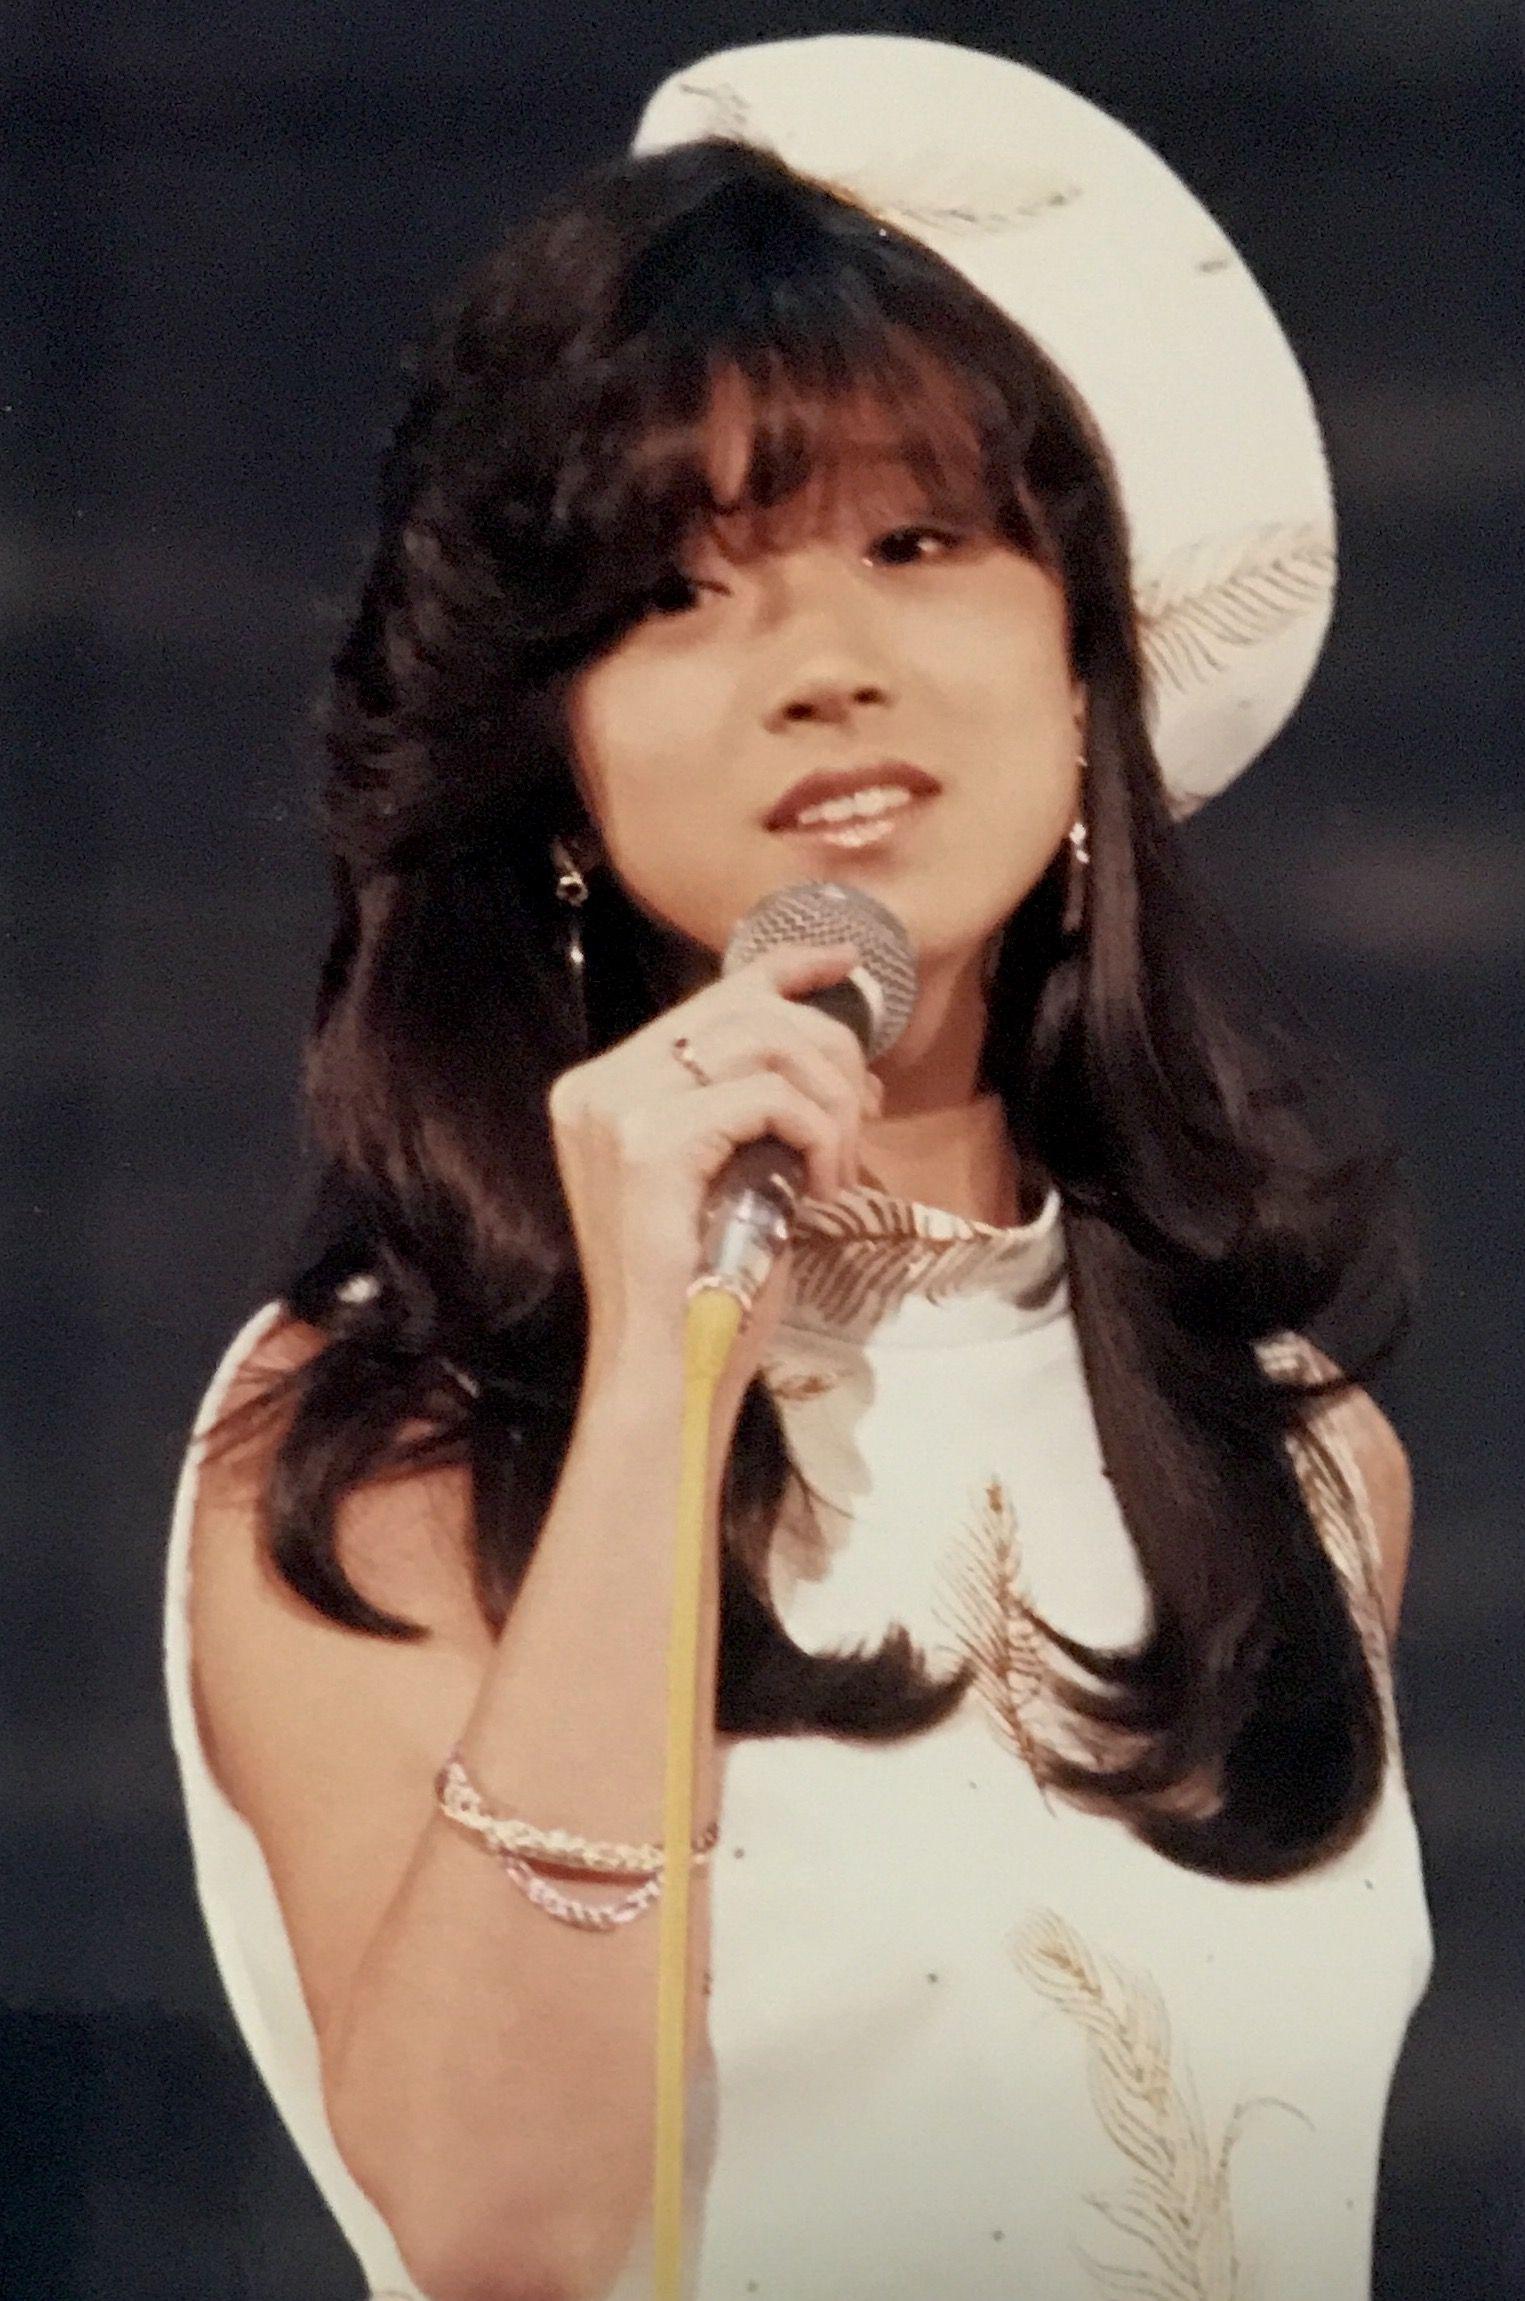 singer Japanese teen